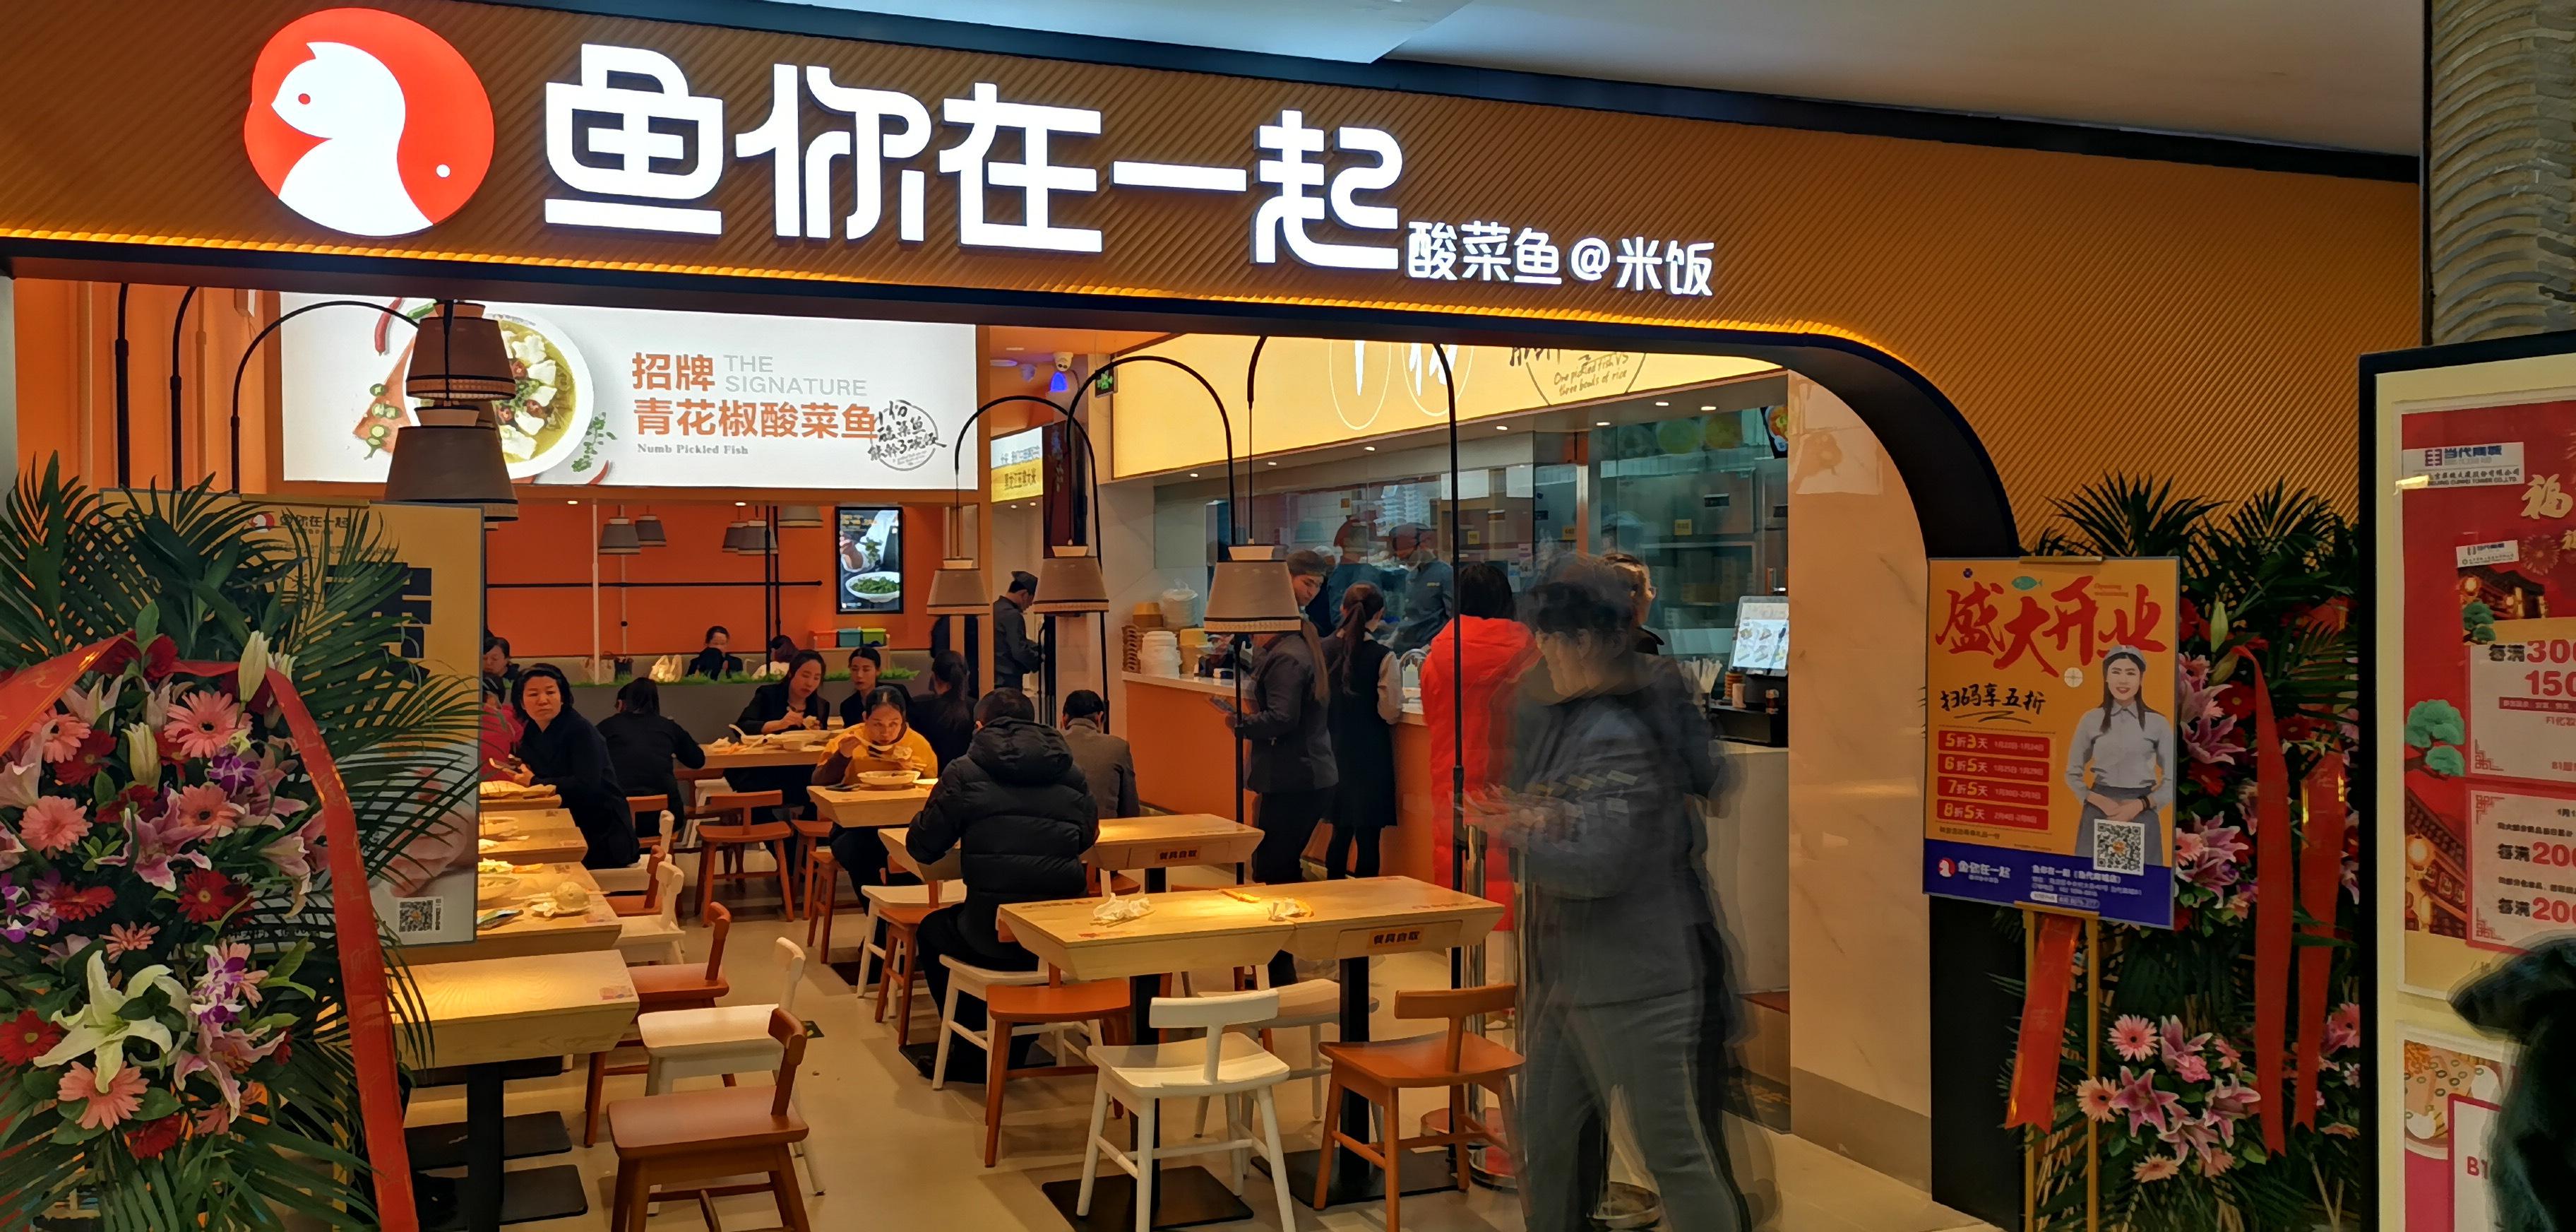 2019年快餐店排行榜_榜单丨5月,北京百姓最喜爱十大餐厅排行榜揭晓